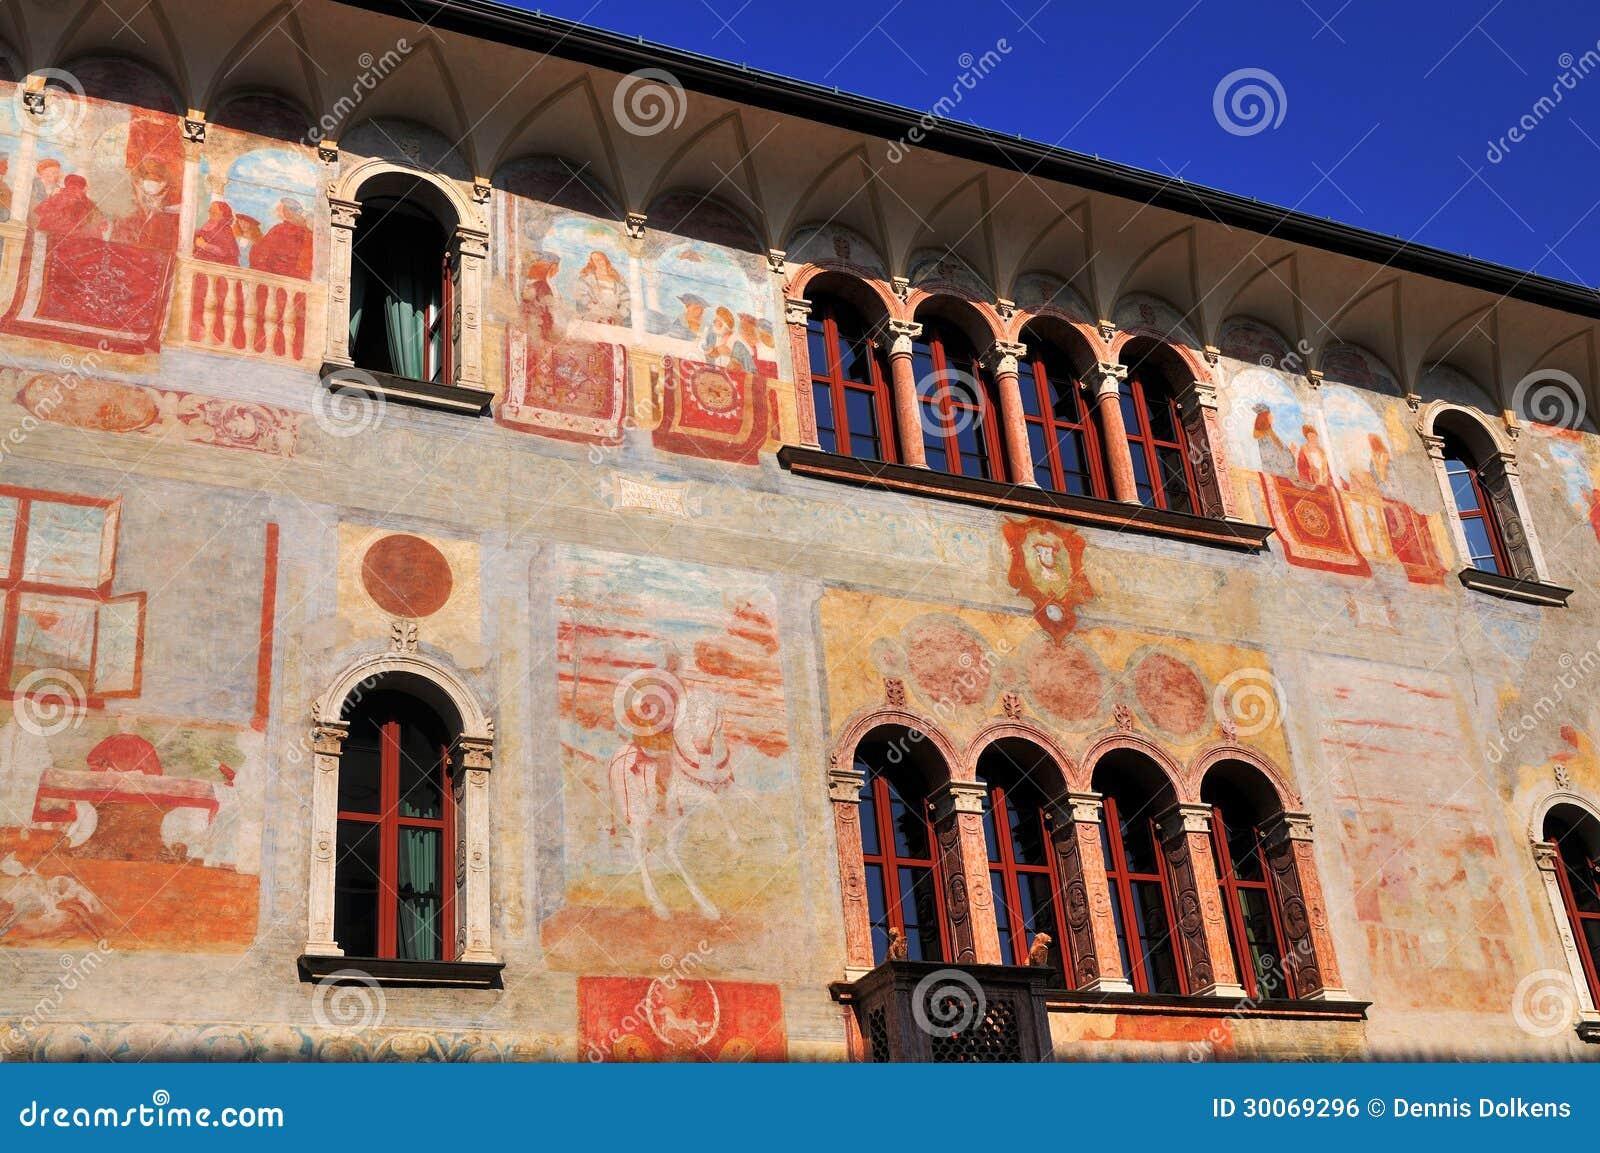 Chambres avec des fresques, Trento, Italie.